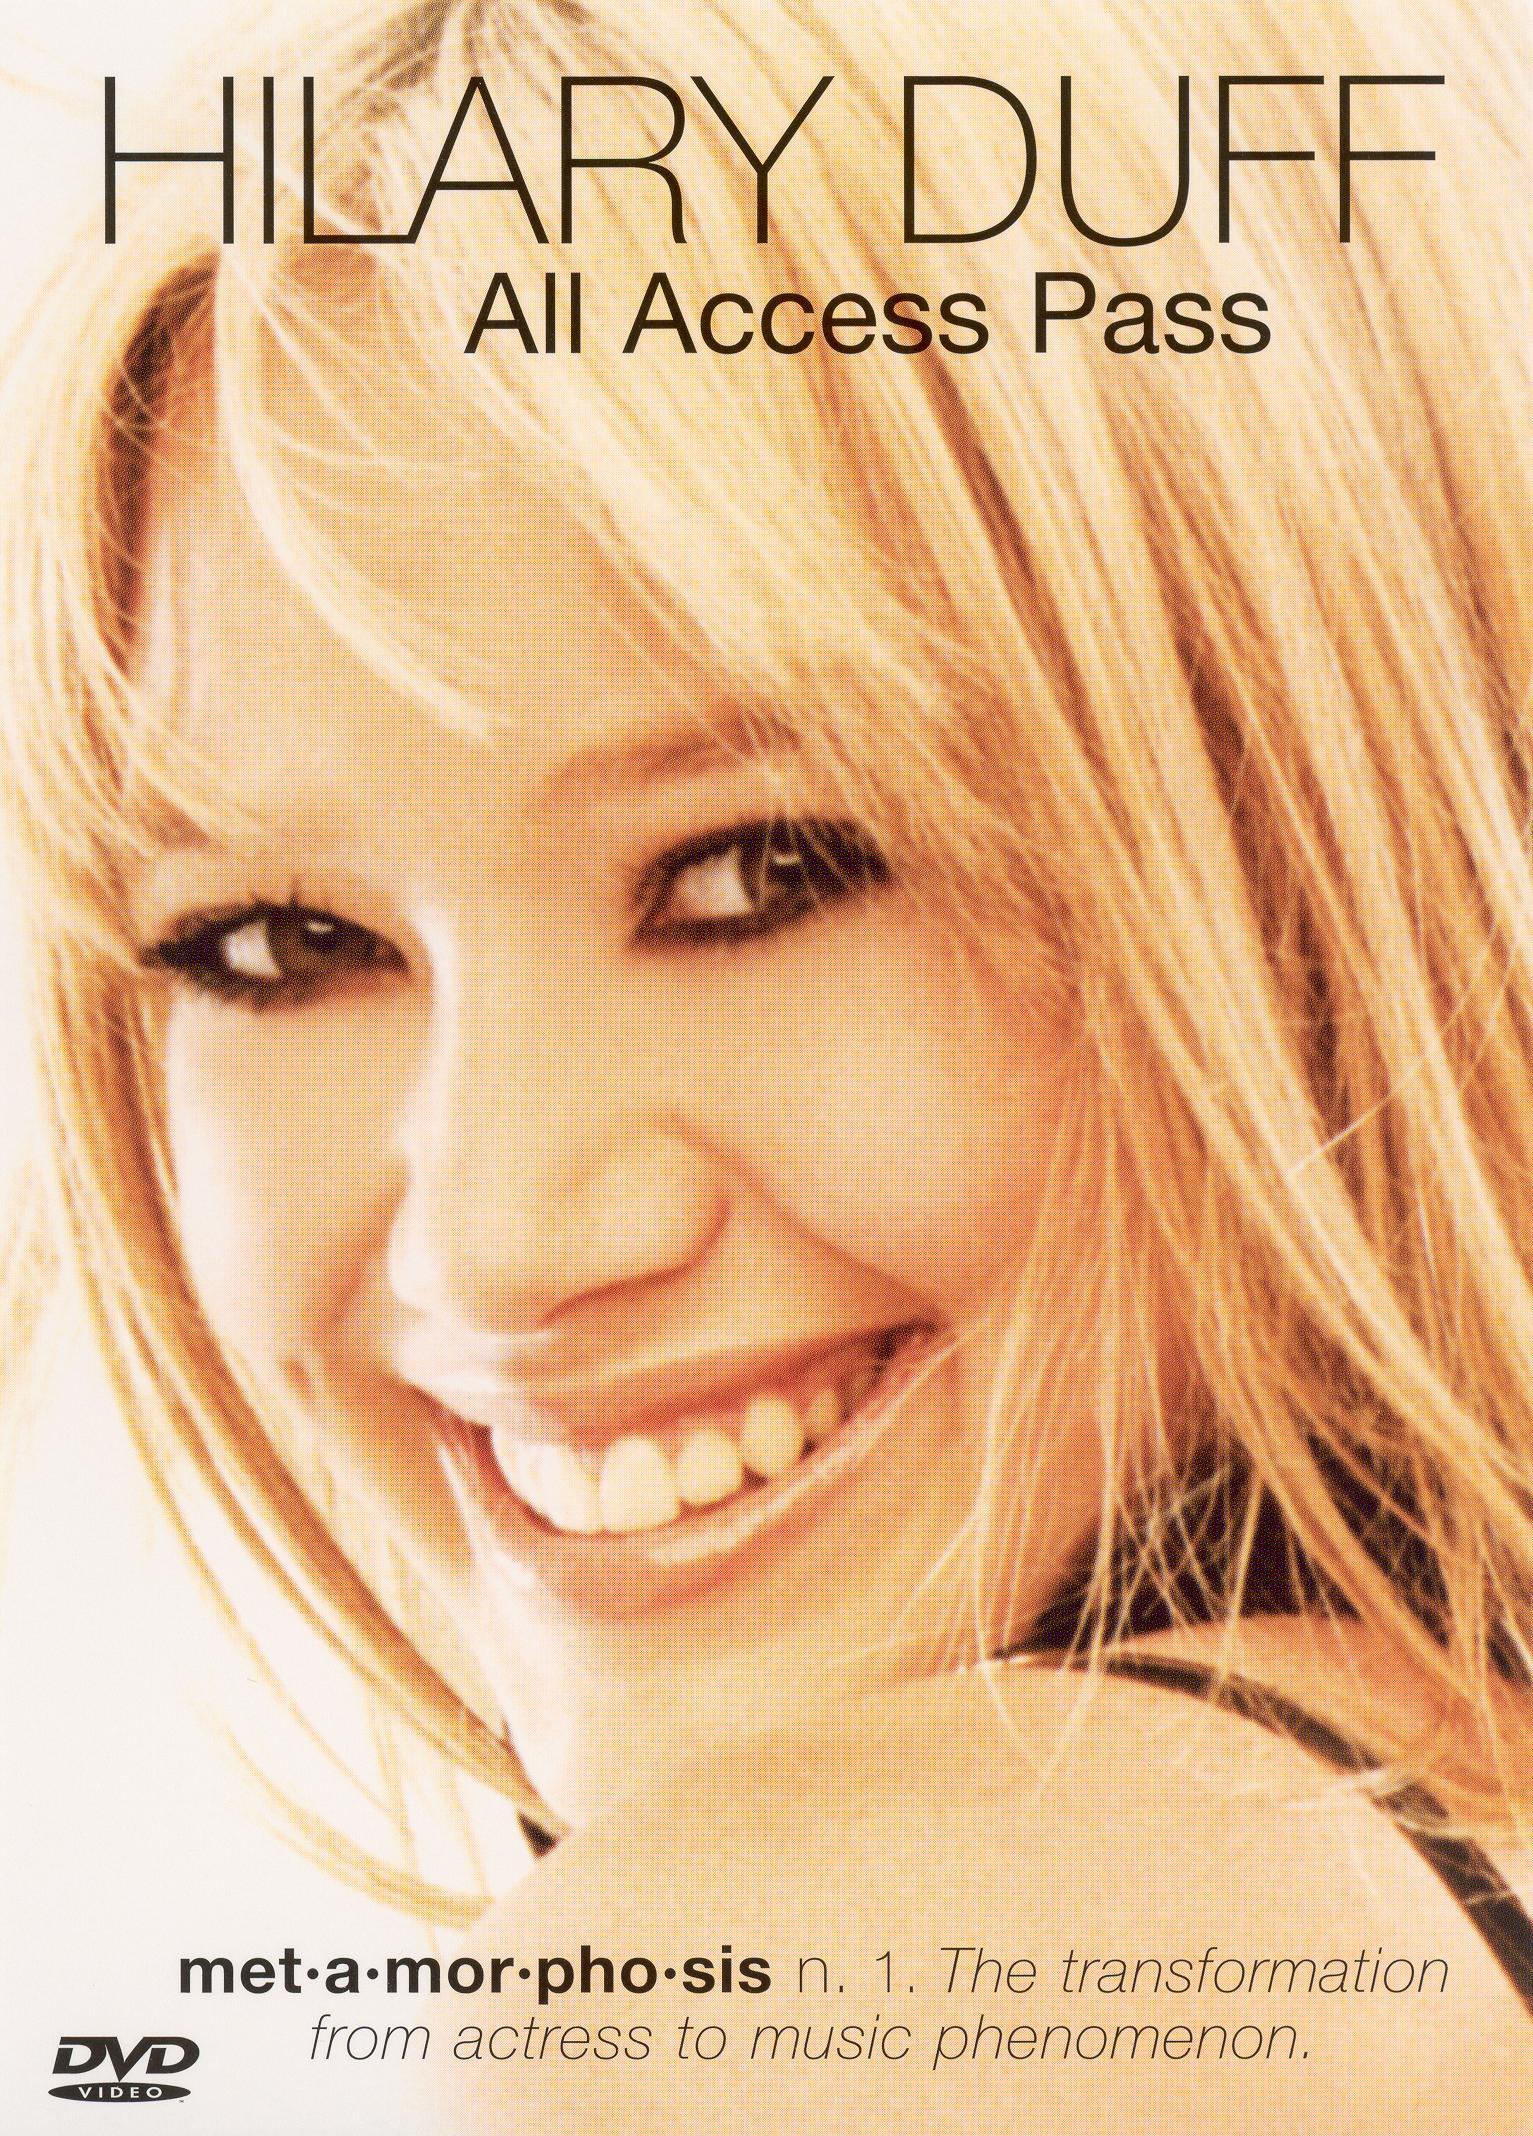 Hilary Duff: All-Access Pass